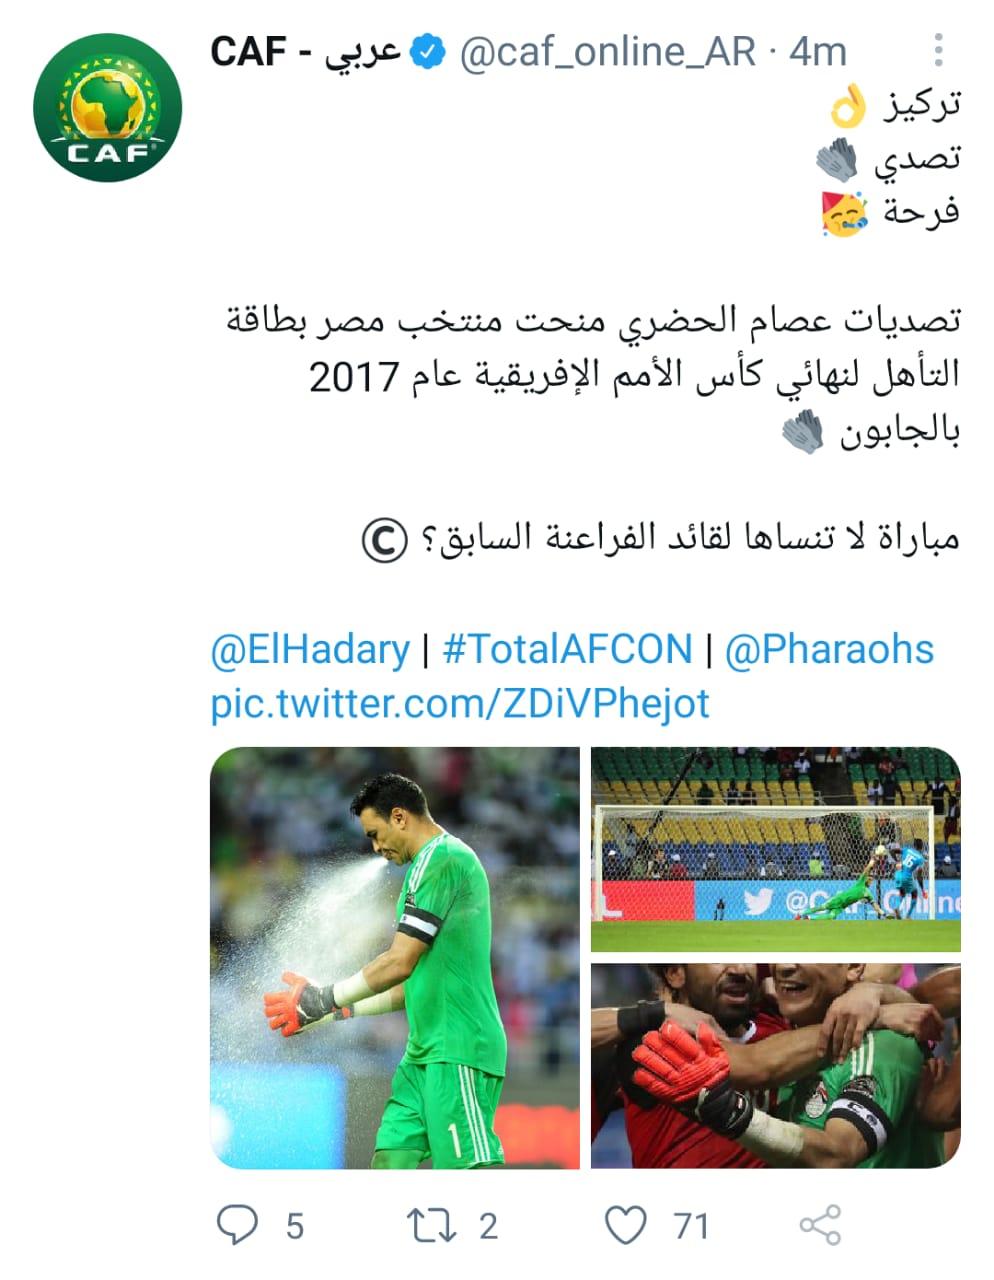 تغريدة الاتحاد الإفريقى لعصام الحضرى